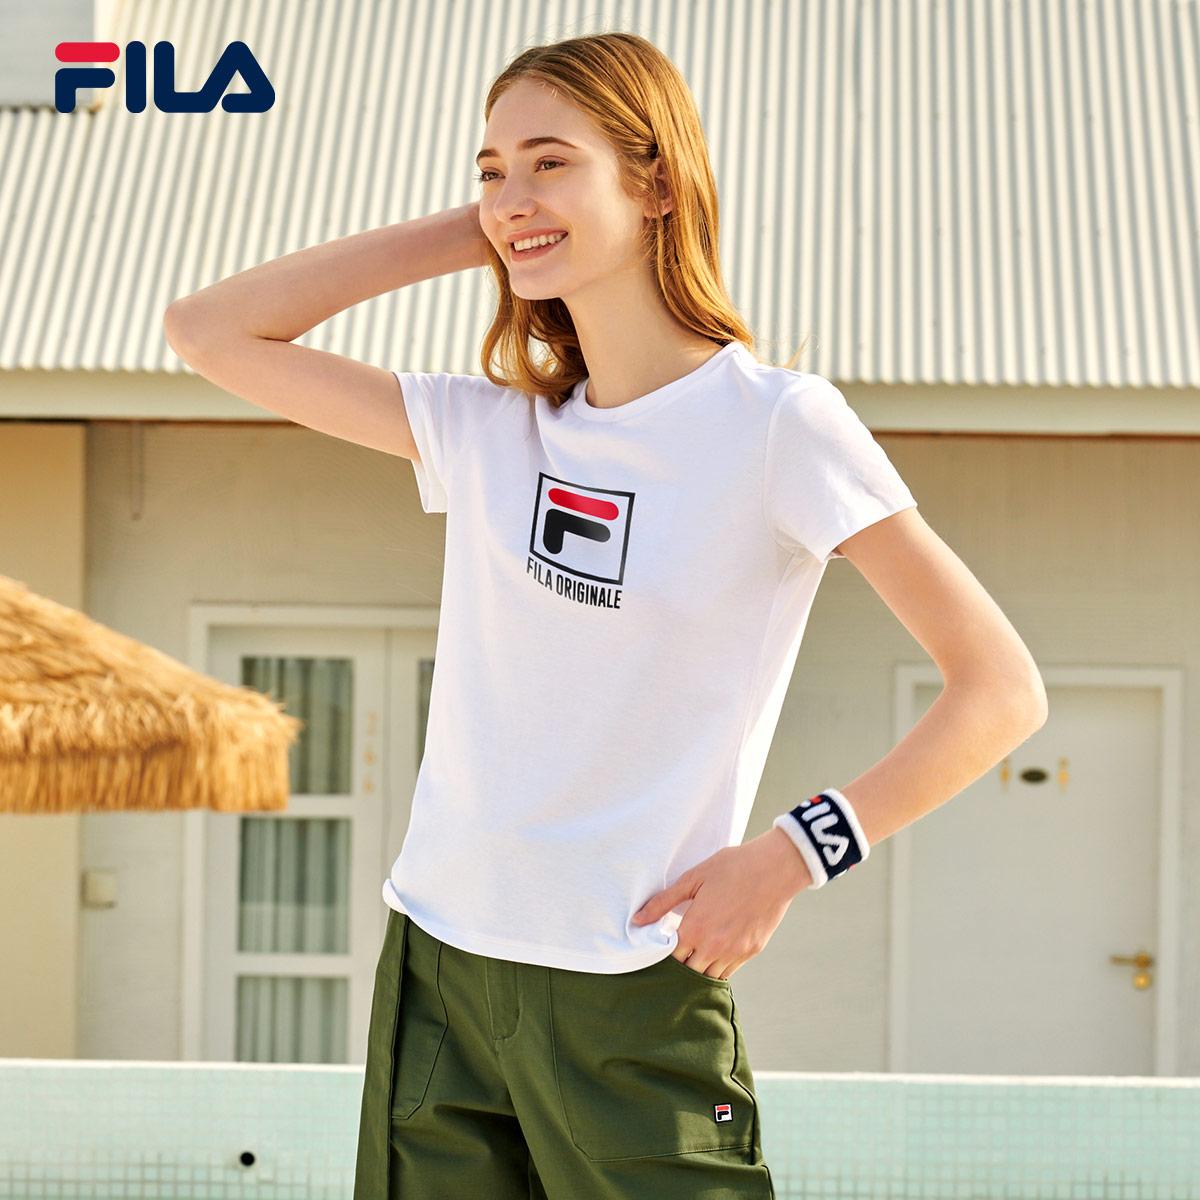 FILA 斐乐官方 女子短袖T恤 2020春季新款时尚休闲运动上衣打底衫